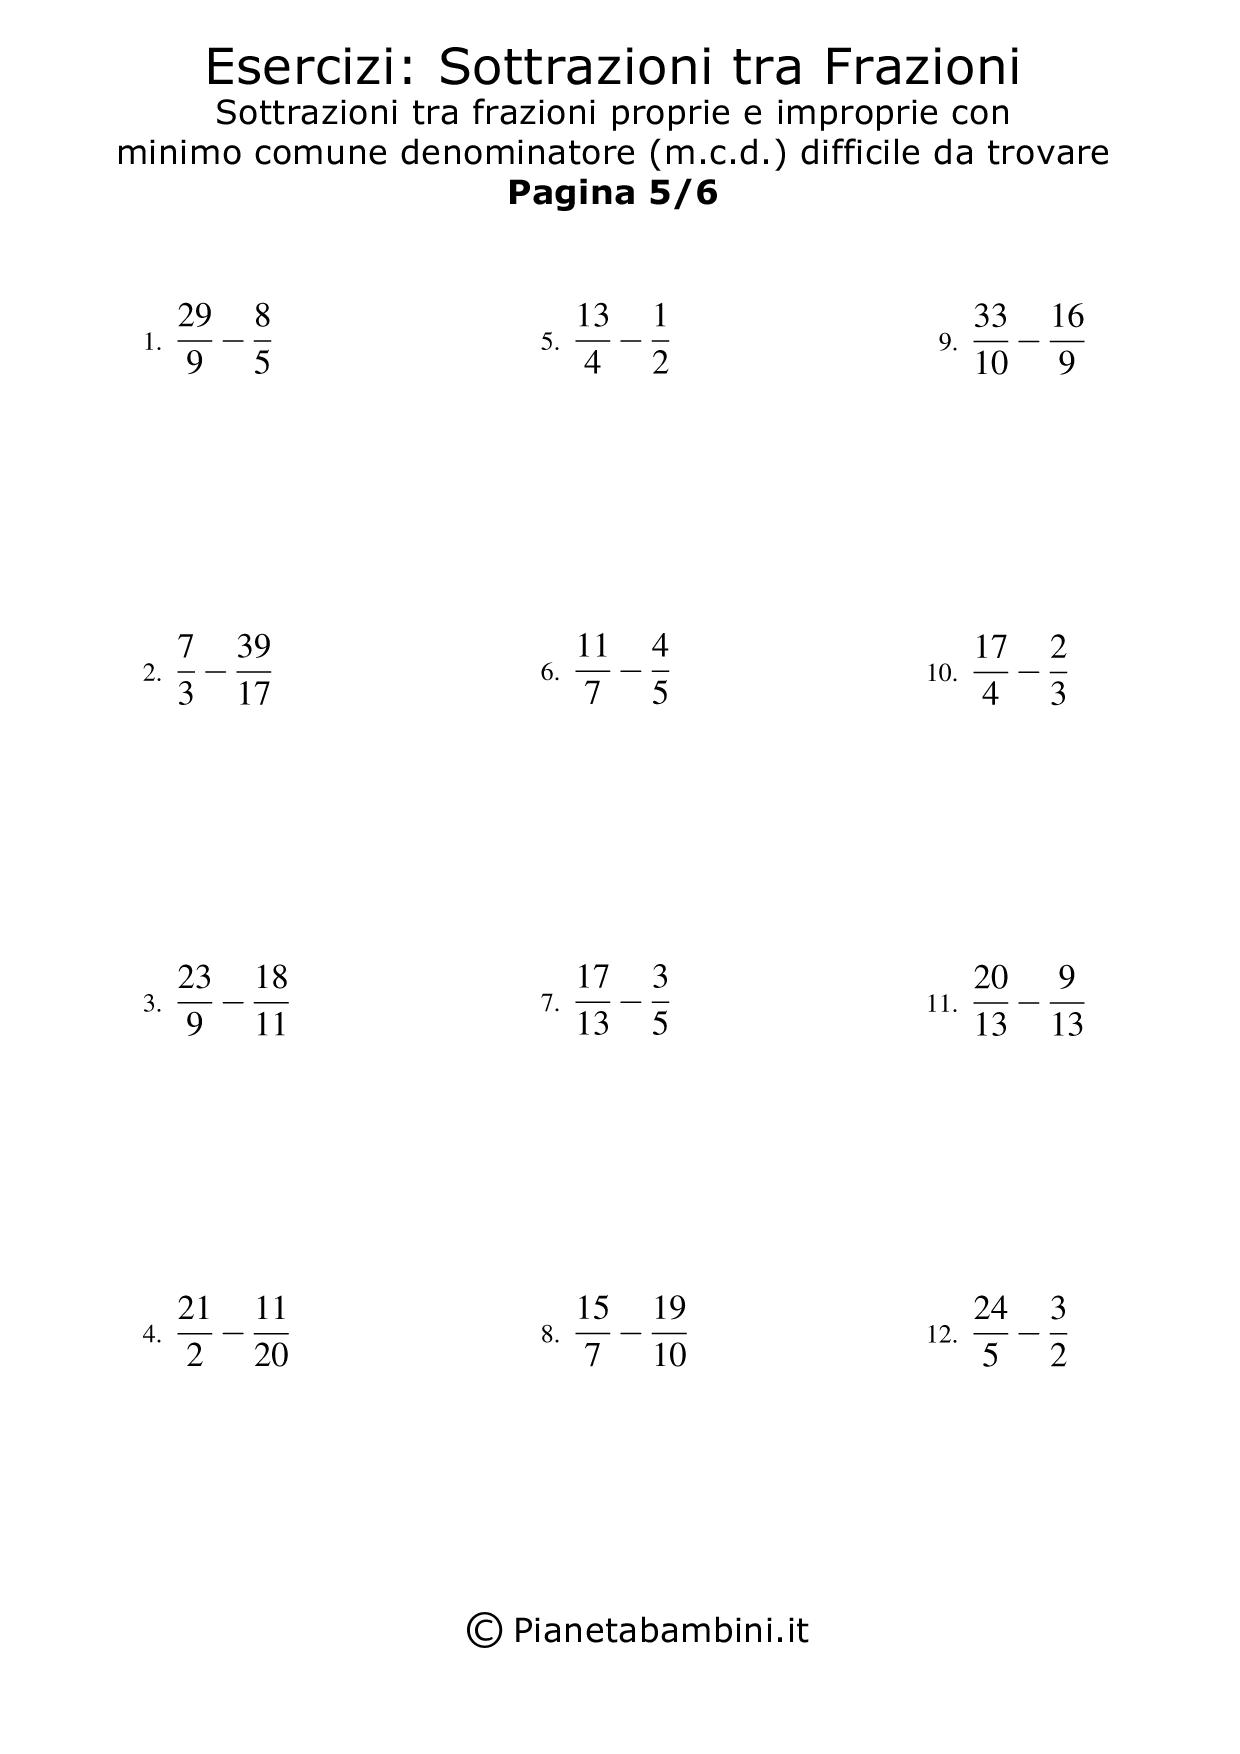 Sottrazioni-Frazioni-m.c.d.-Difficile_5